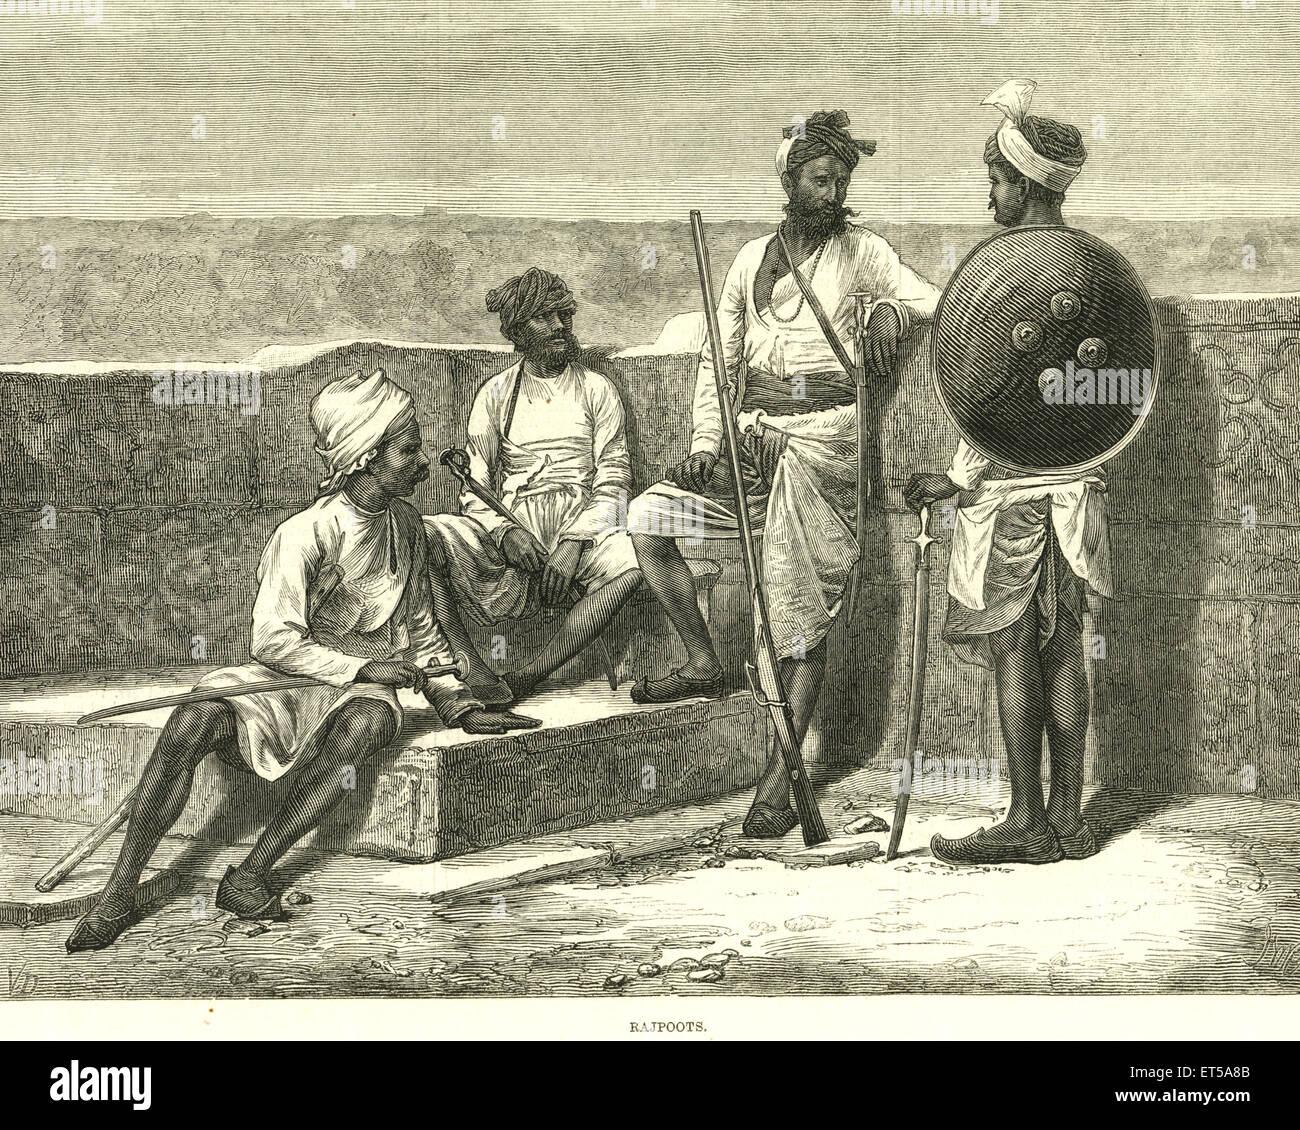 Ritratti litografici Rajpoots o Rajput IL News 12 febbraio 1876 ; India Immagini Stock